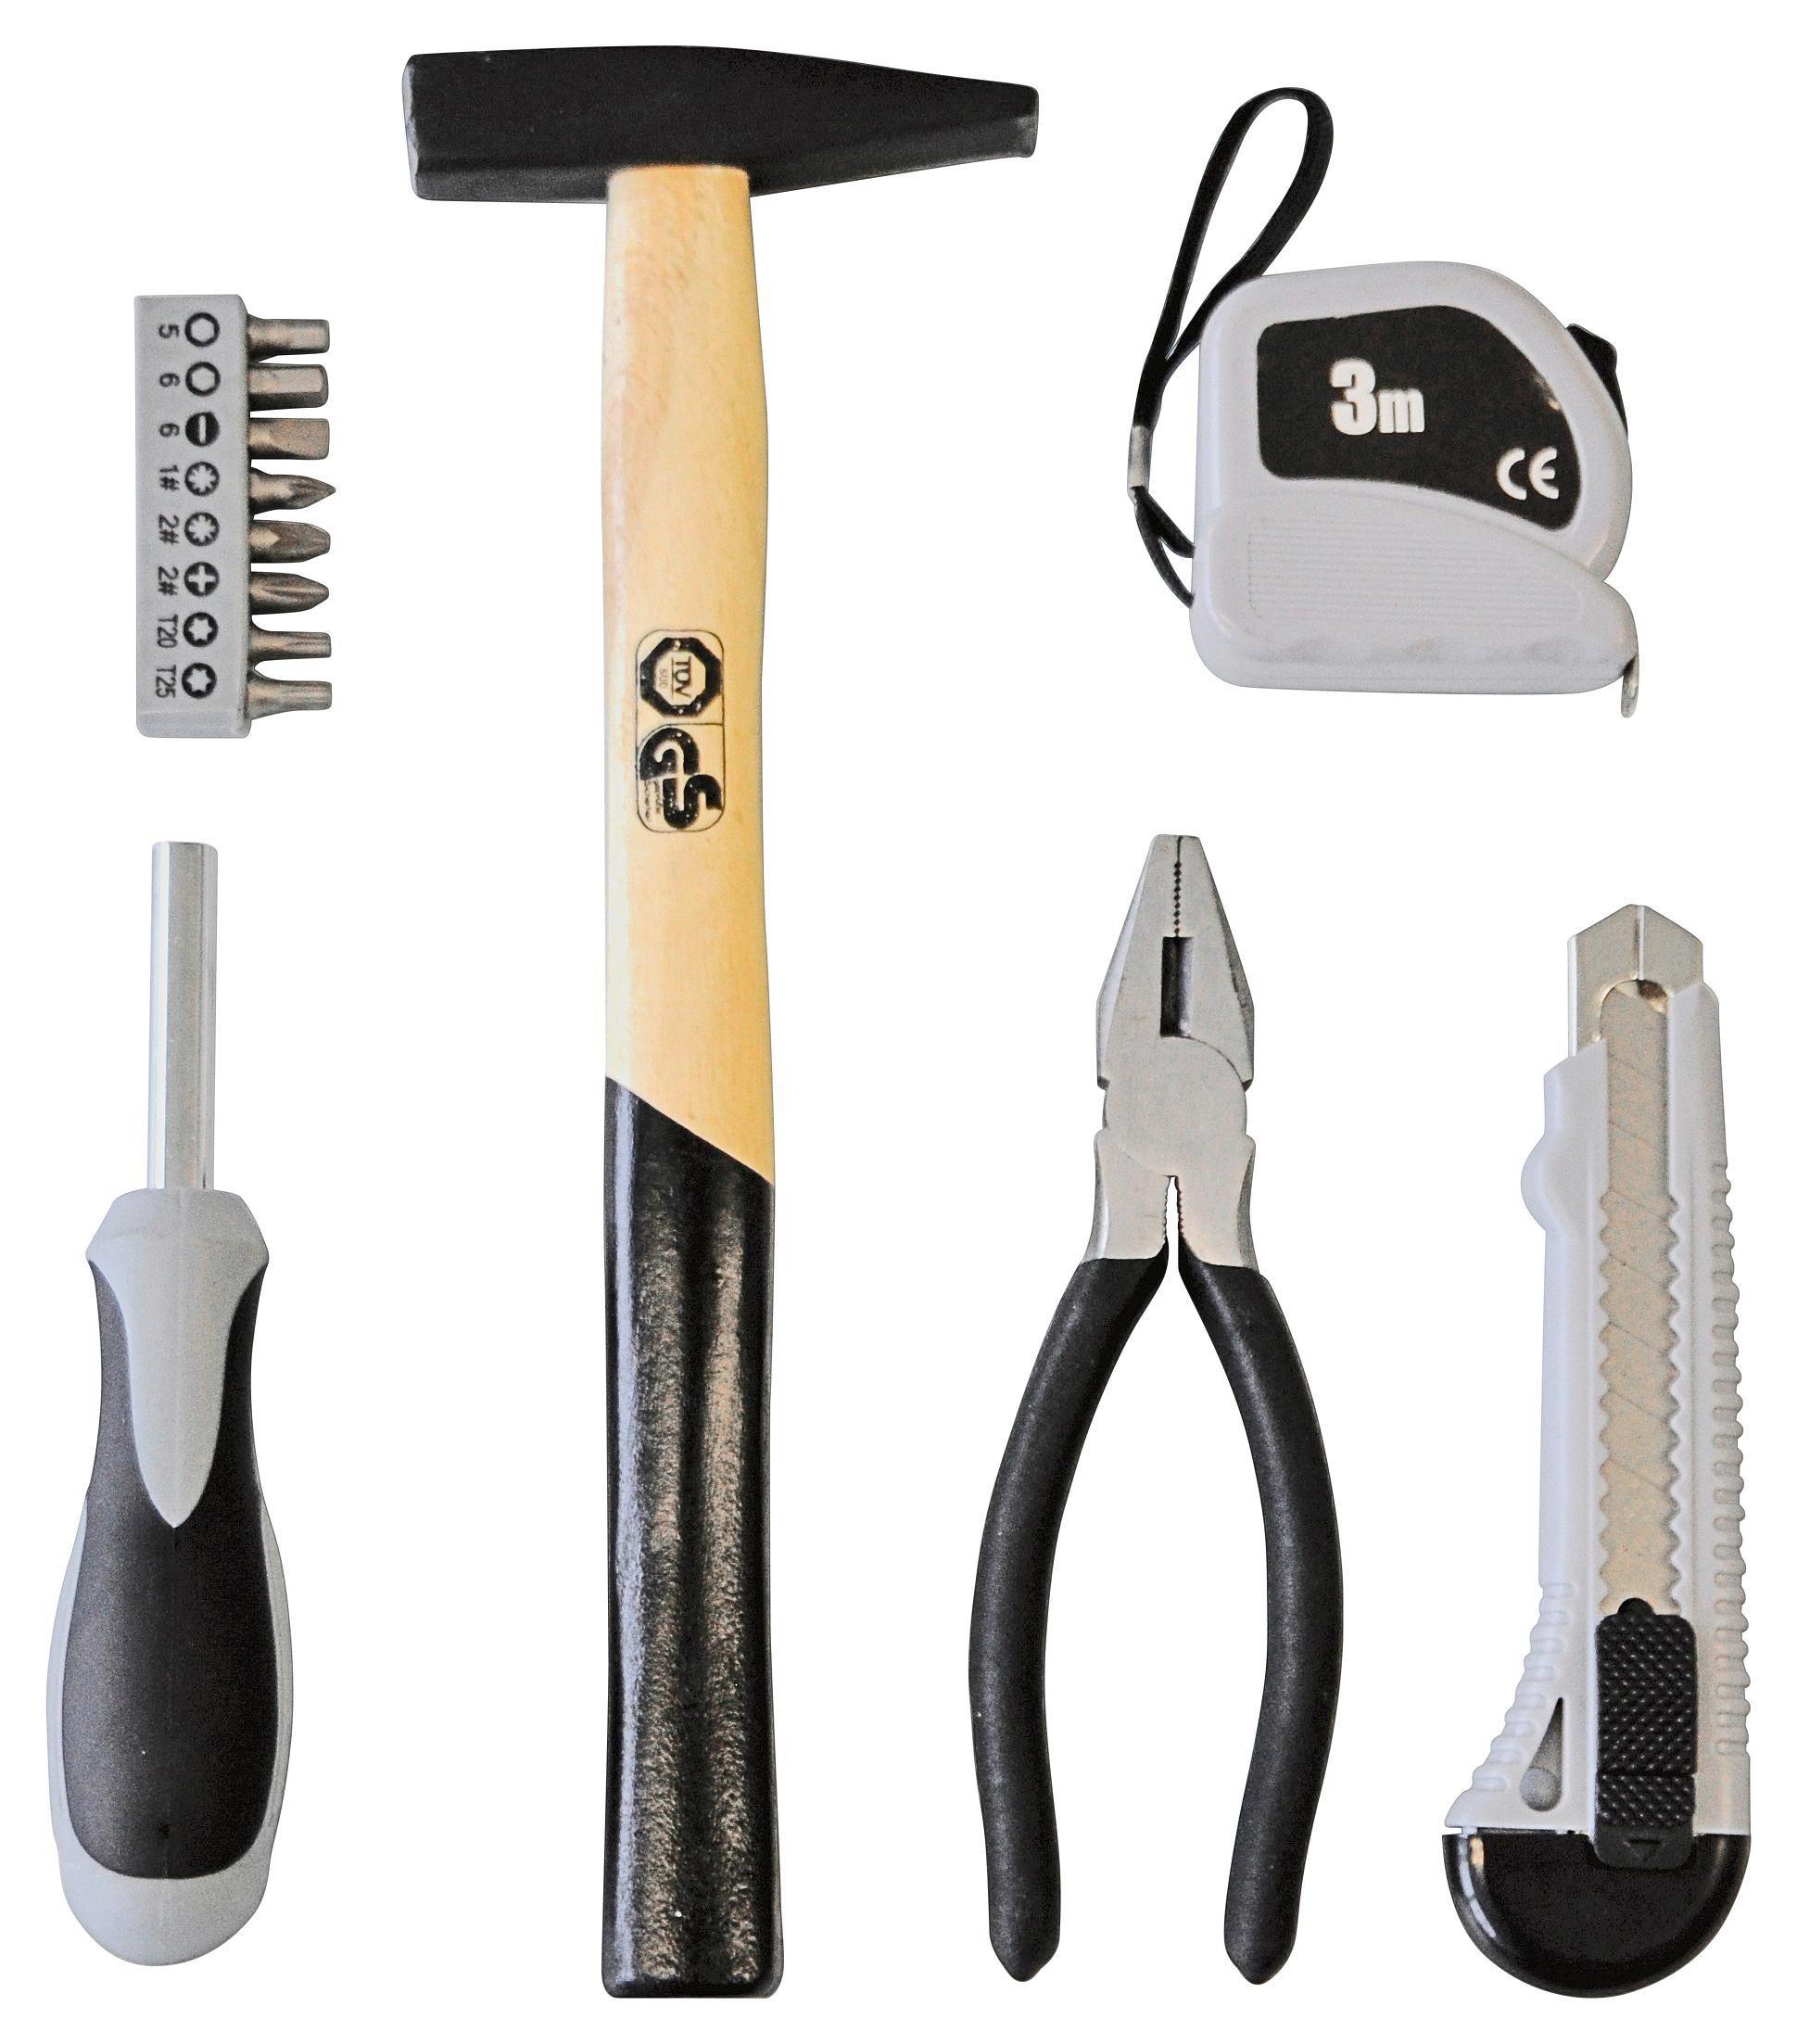 Szerszám Szett Marcel - fekete/szürke, konvencionális, műanyag/fa